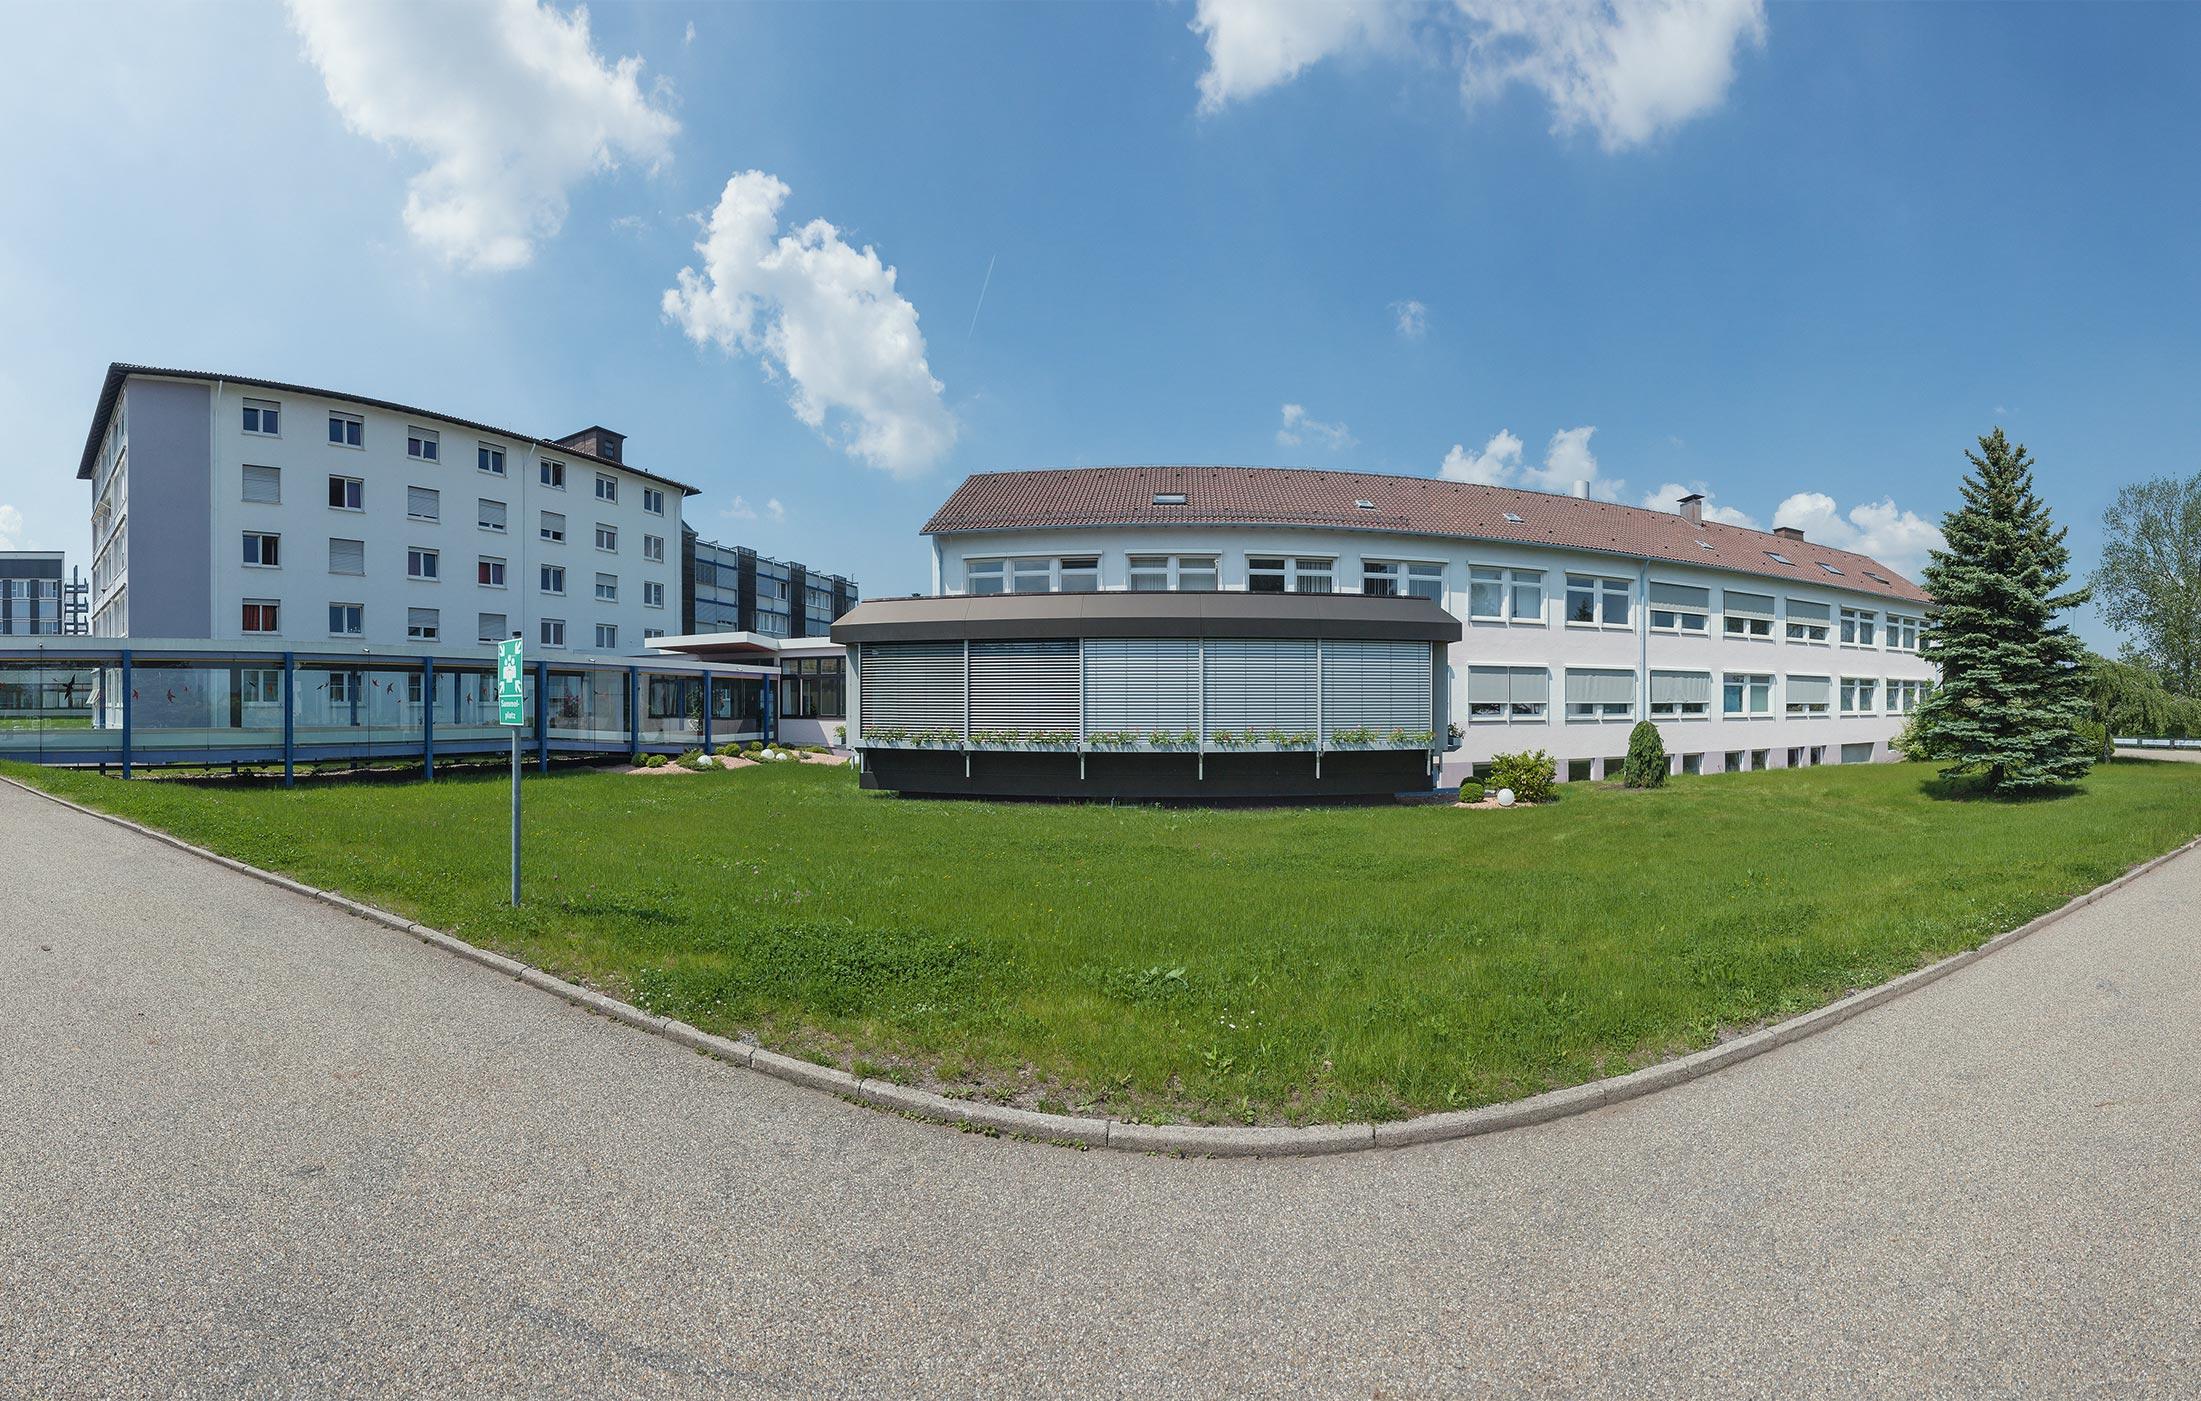 2009, Immobilienkonzept Berufsförderungswerk Schömberg e.V.